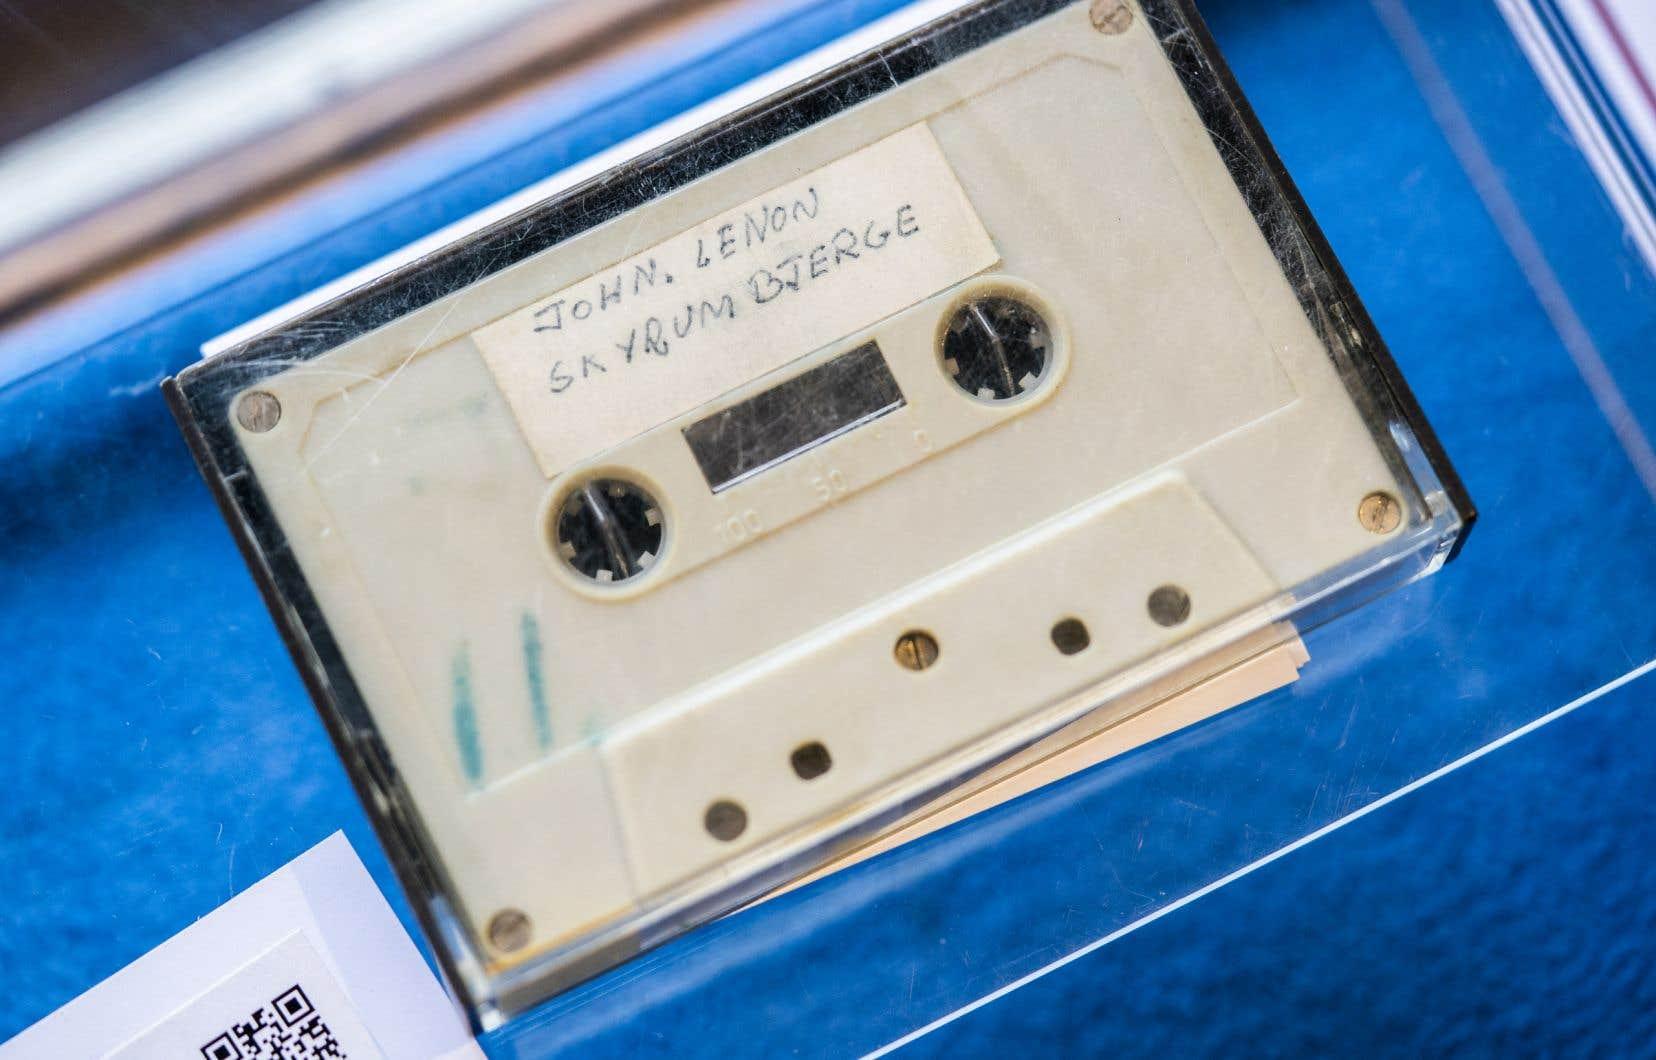 Pour écouter l'enregistrement, disponible nulle part ailleurs, un bon vieux lecteur de cassettes est nécessaire.